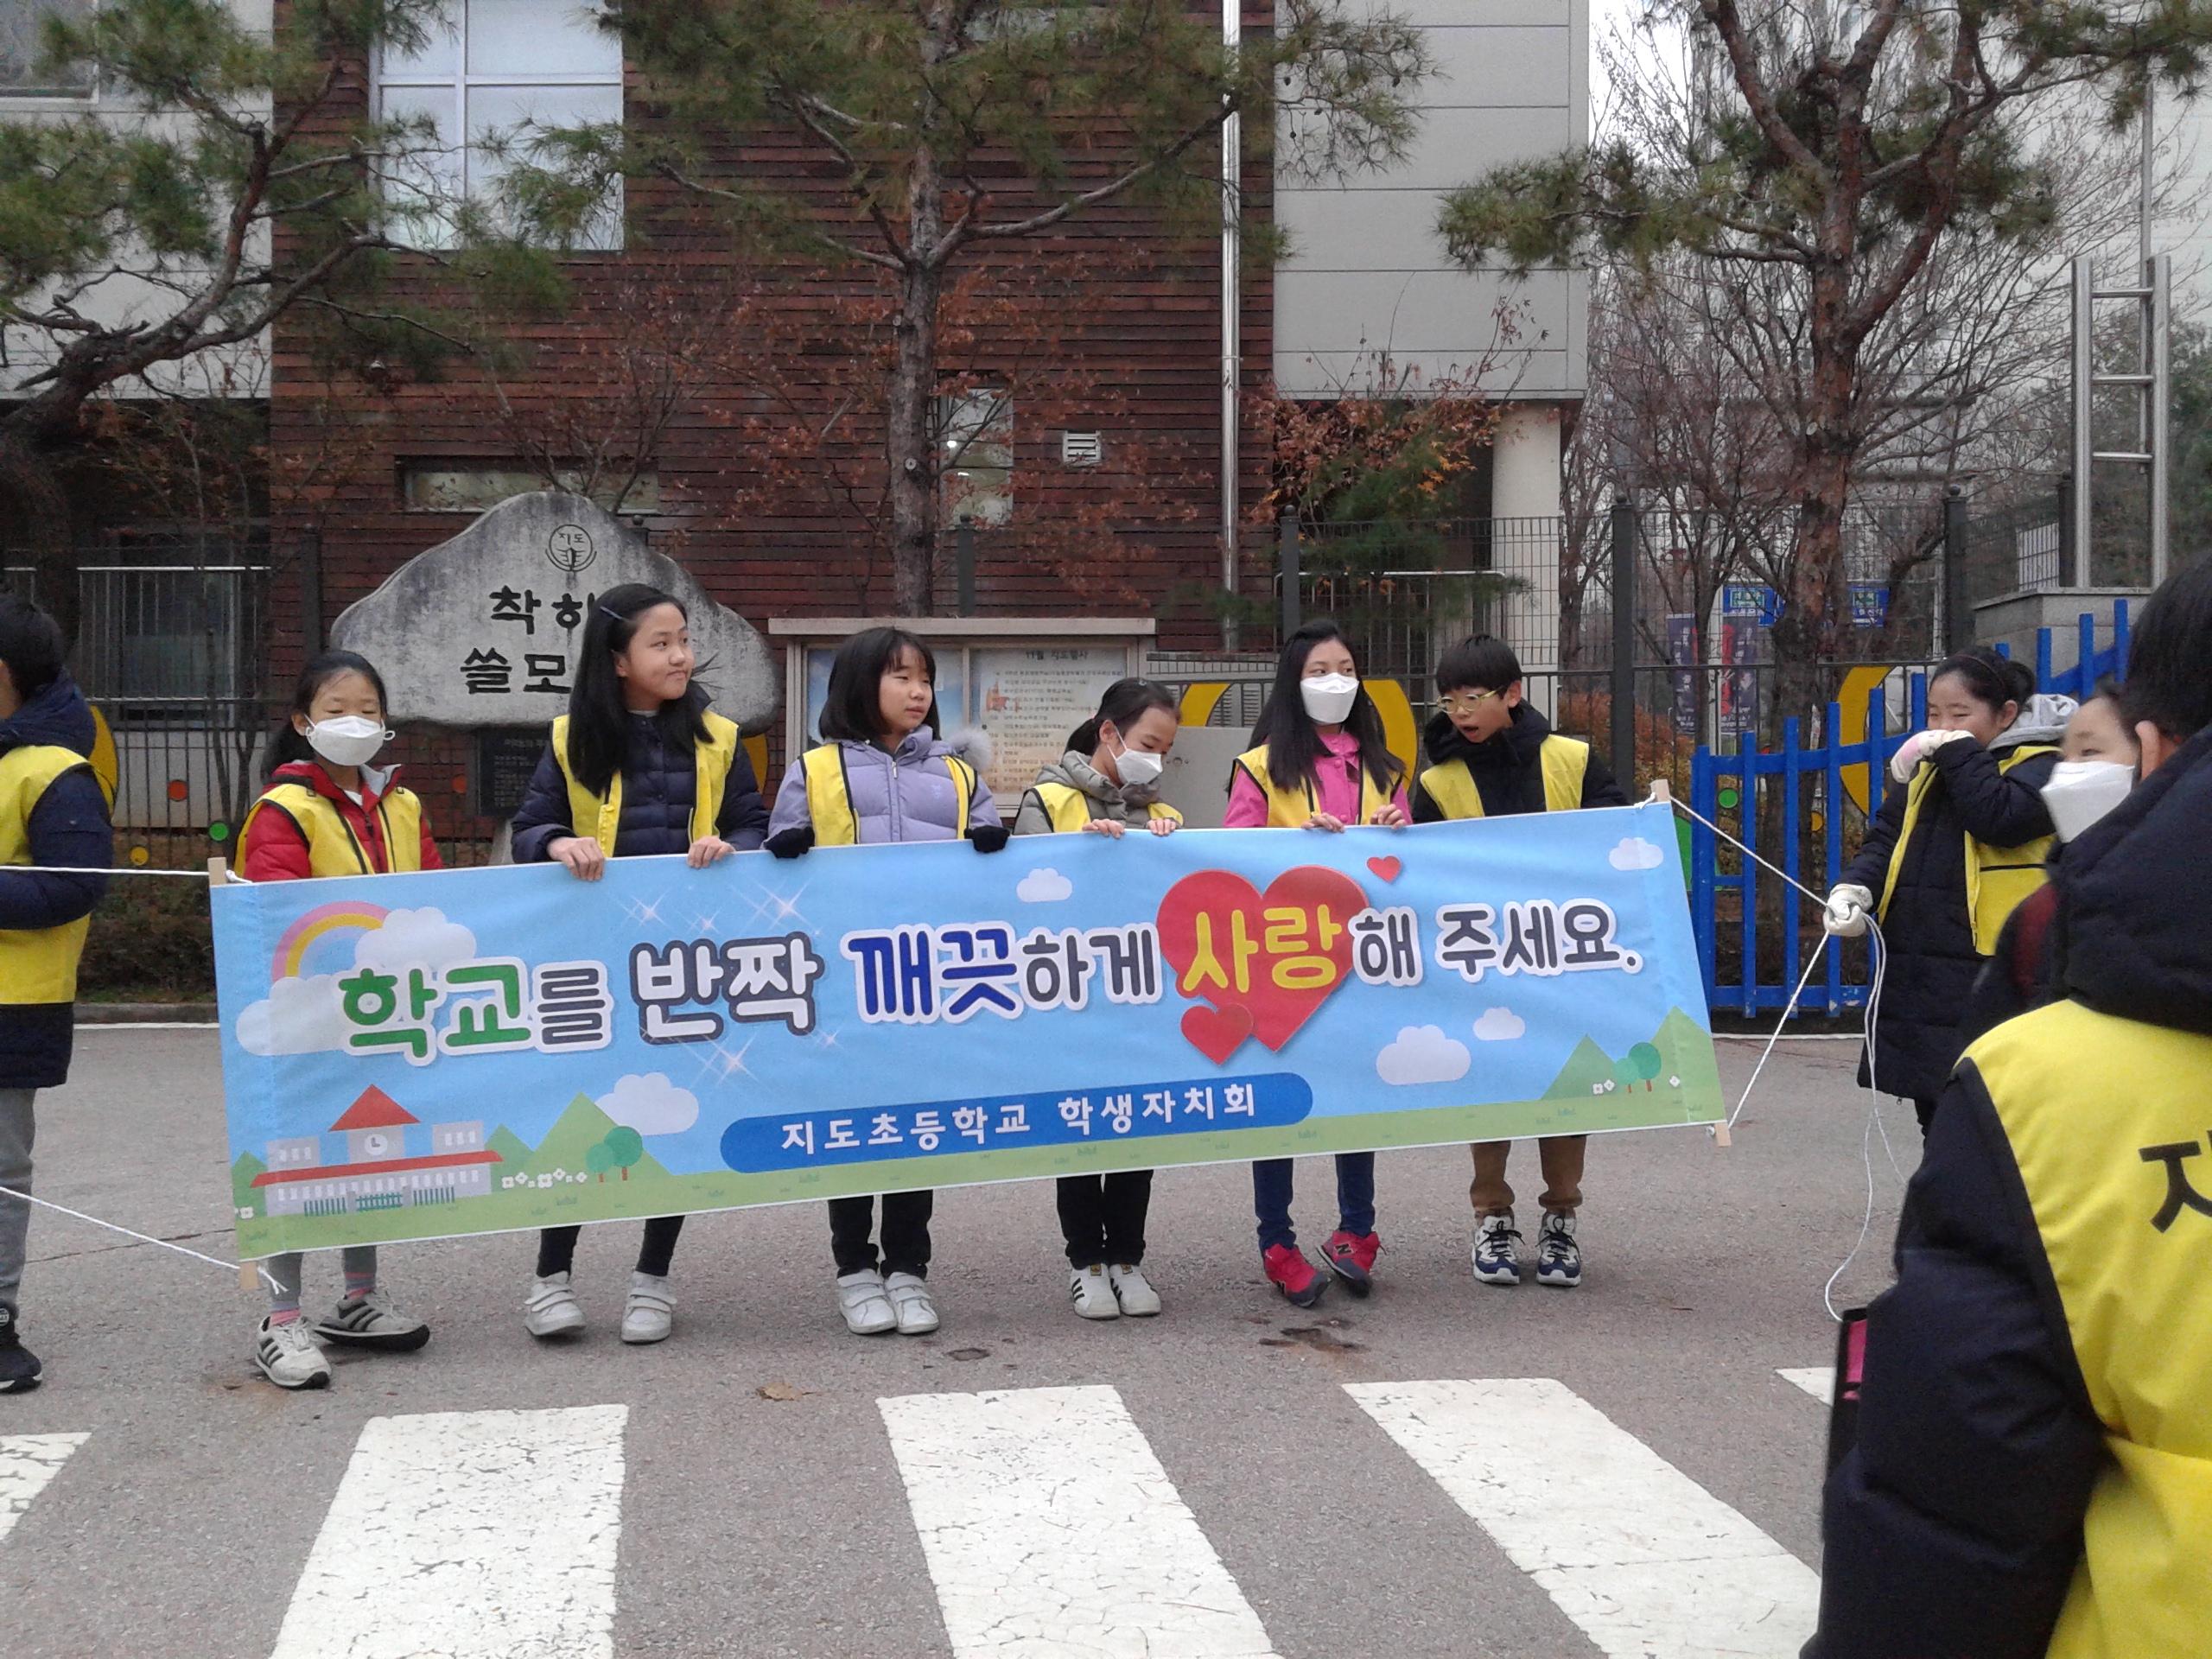 [일반] 전교학생자치회 4학년 캠페인 11월의 첨부이미지 1